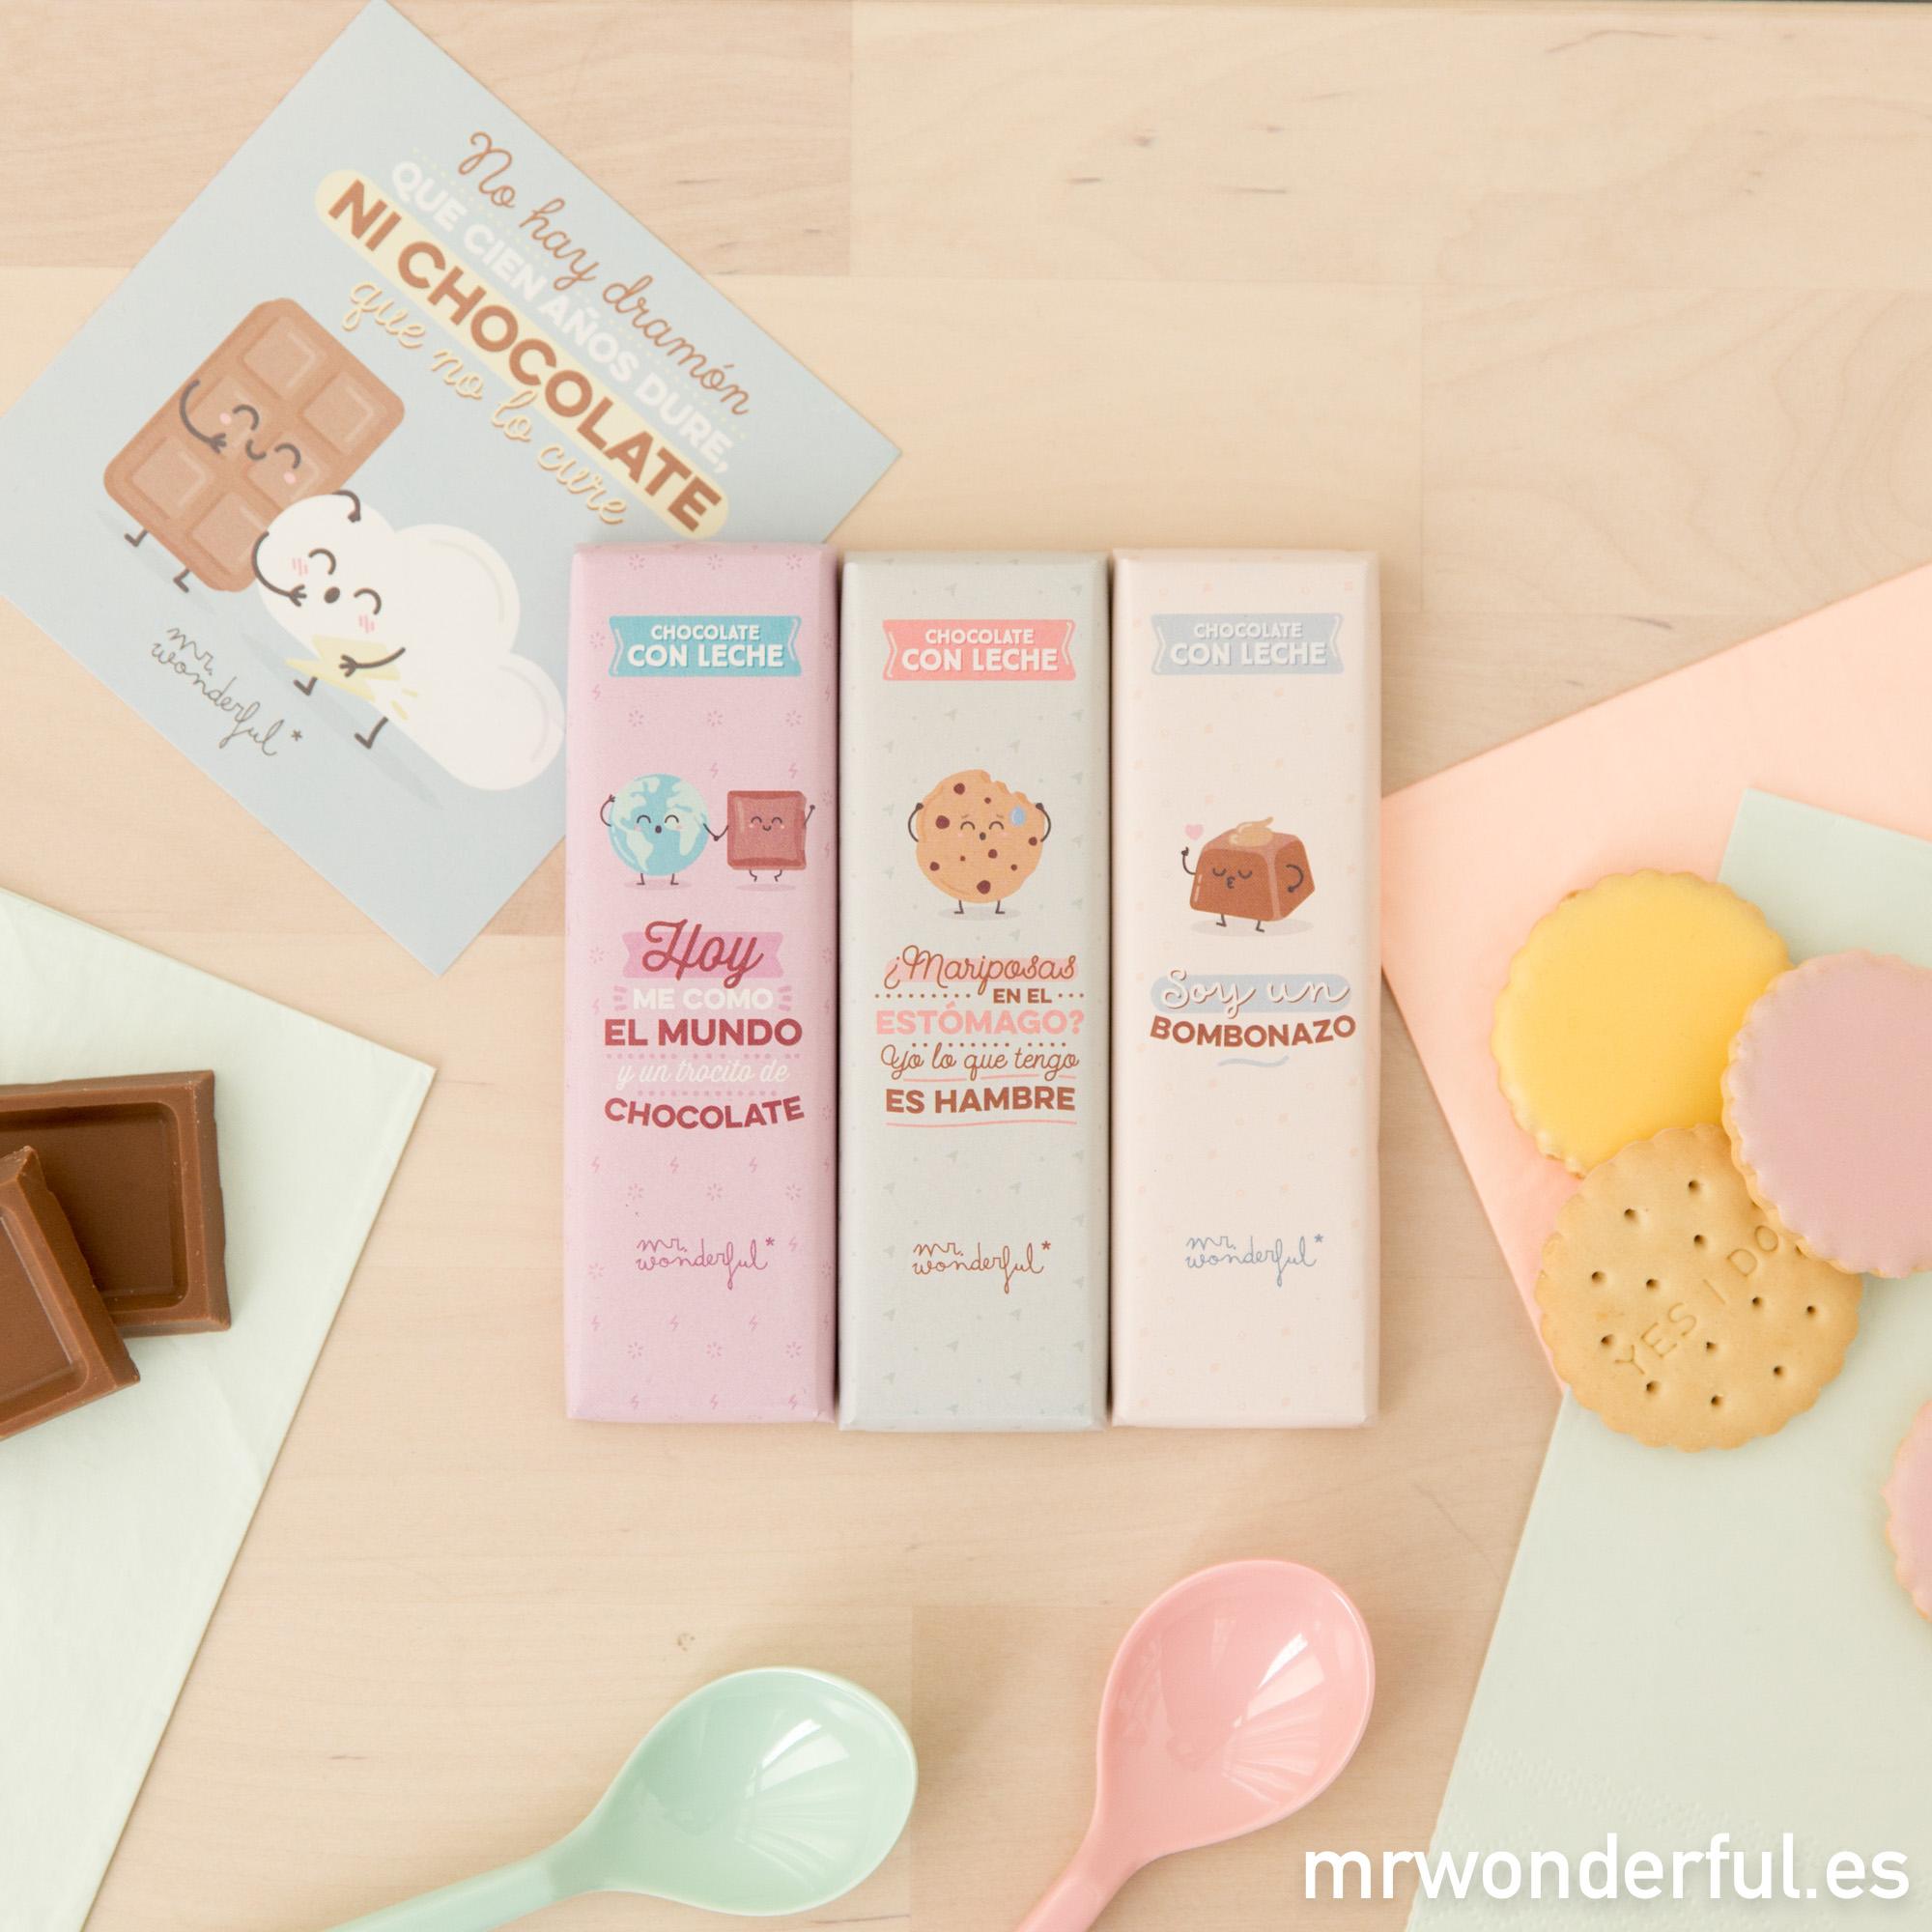 mrwonderful_8435460710251_chocolatinas-para-un-bombon-es_2017-6